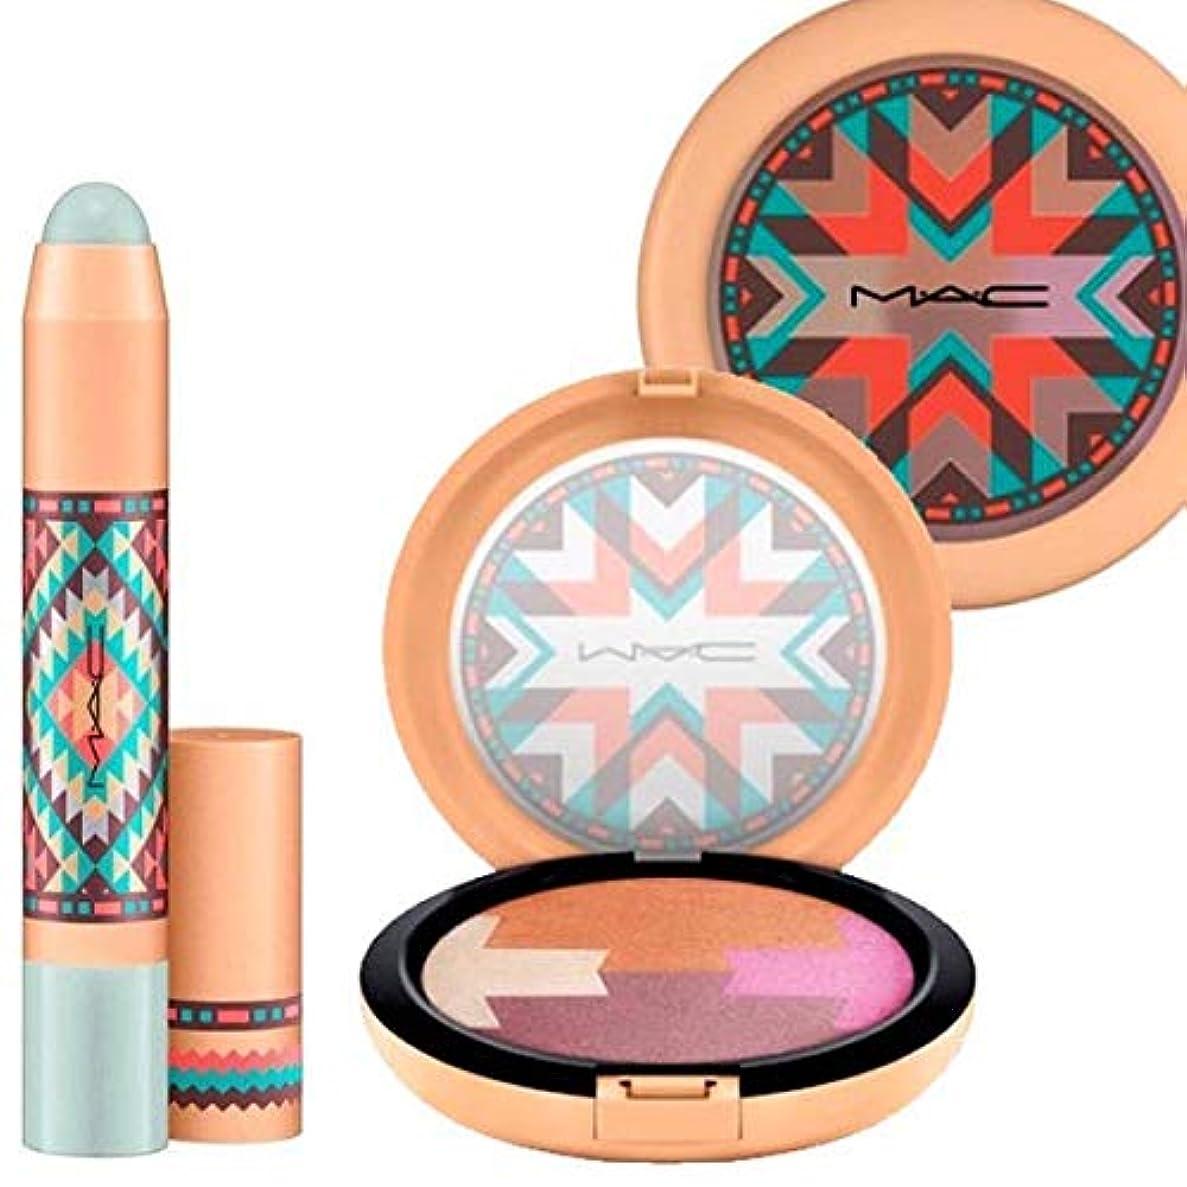 ビヨン落花生振るM.A.C ?マック, 限定版 !!! Vibe Tribe/Gleamtones Powder & Desert Evening Lip Pencil [海外直送品] [並行輸入品]